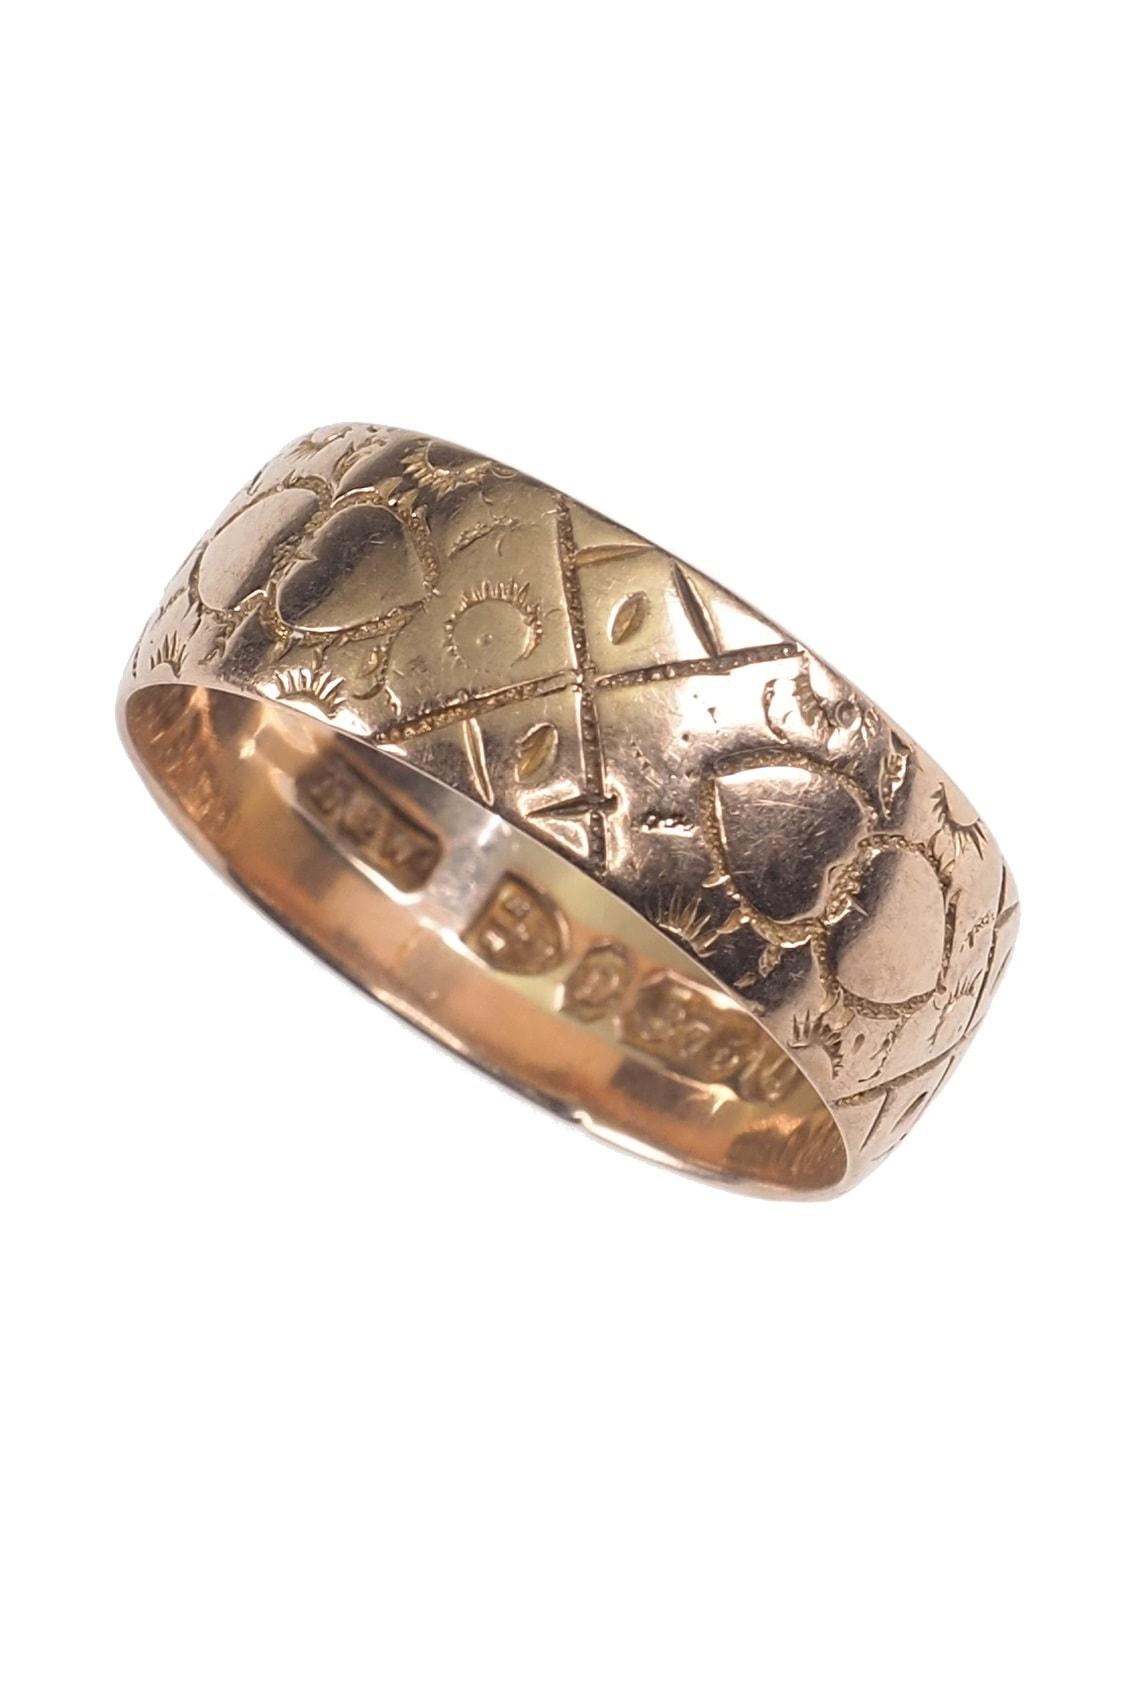 antike-Goldeheringe-kaufen-2293